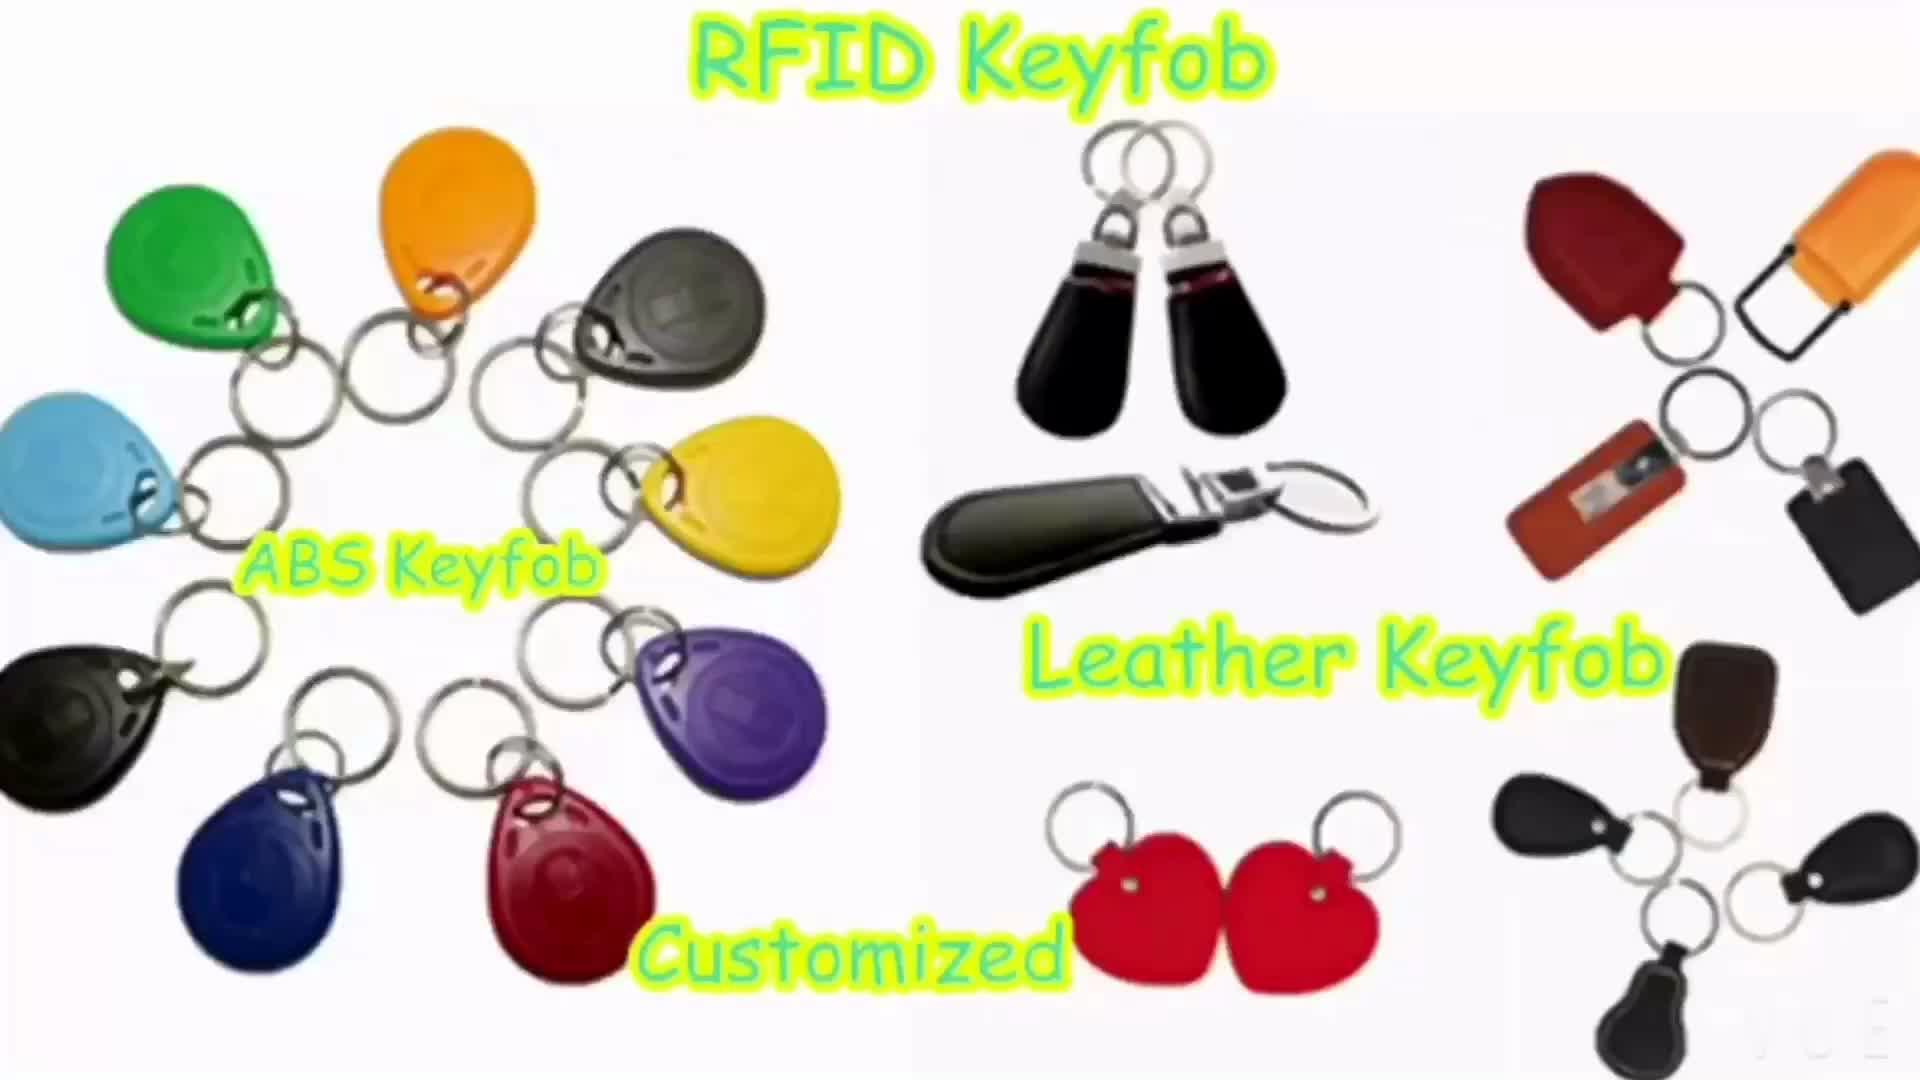 rfid em4200/tk4100 access control keyfob tag/key chain